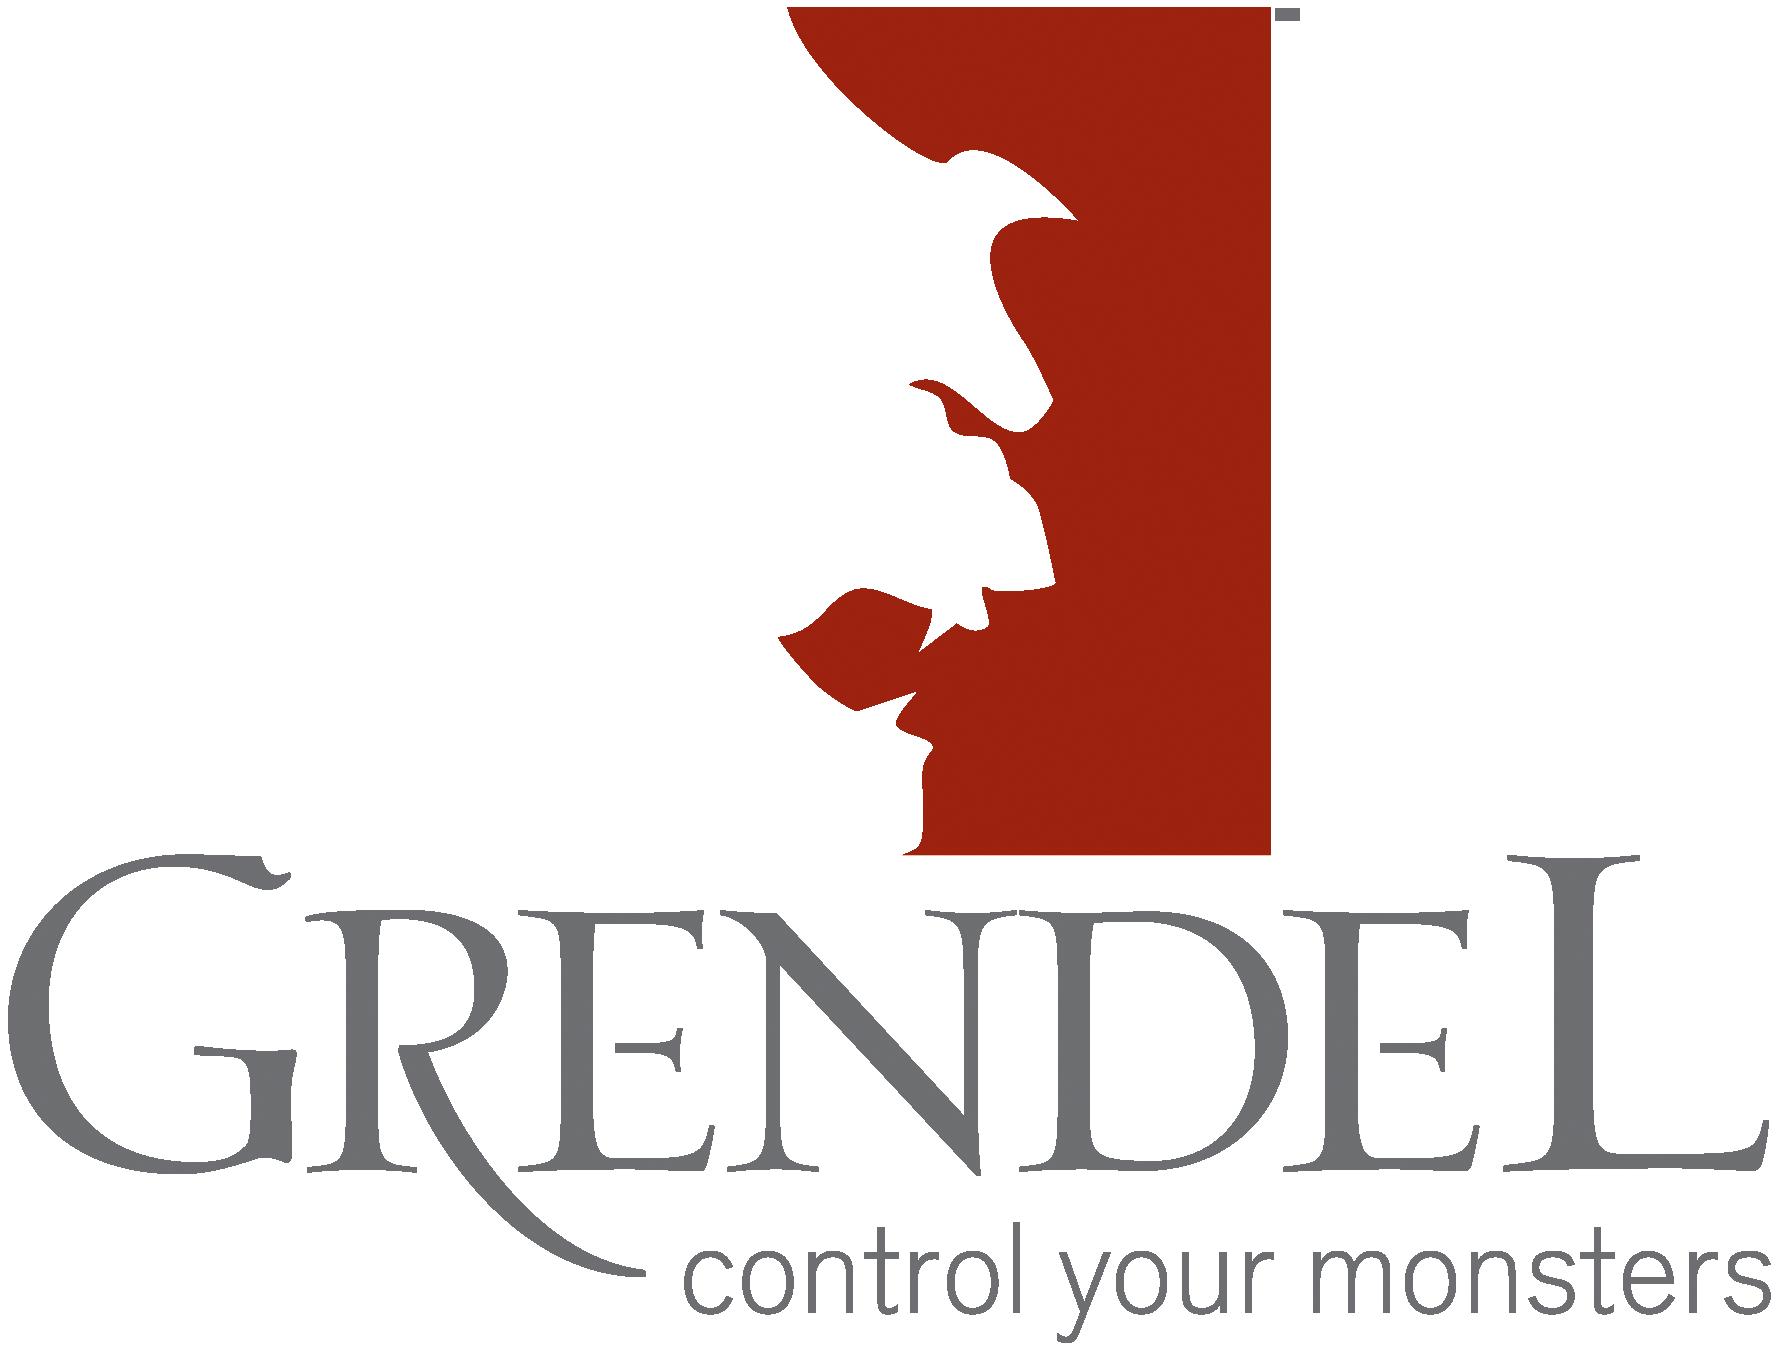 GrendelLogo-3.png